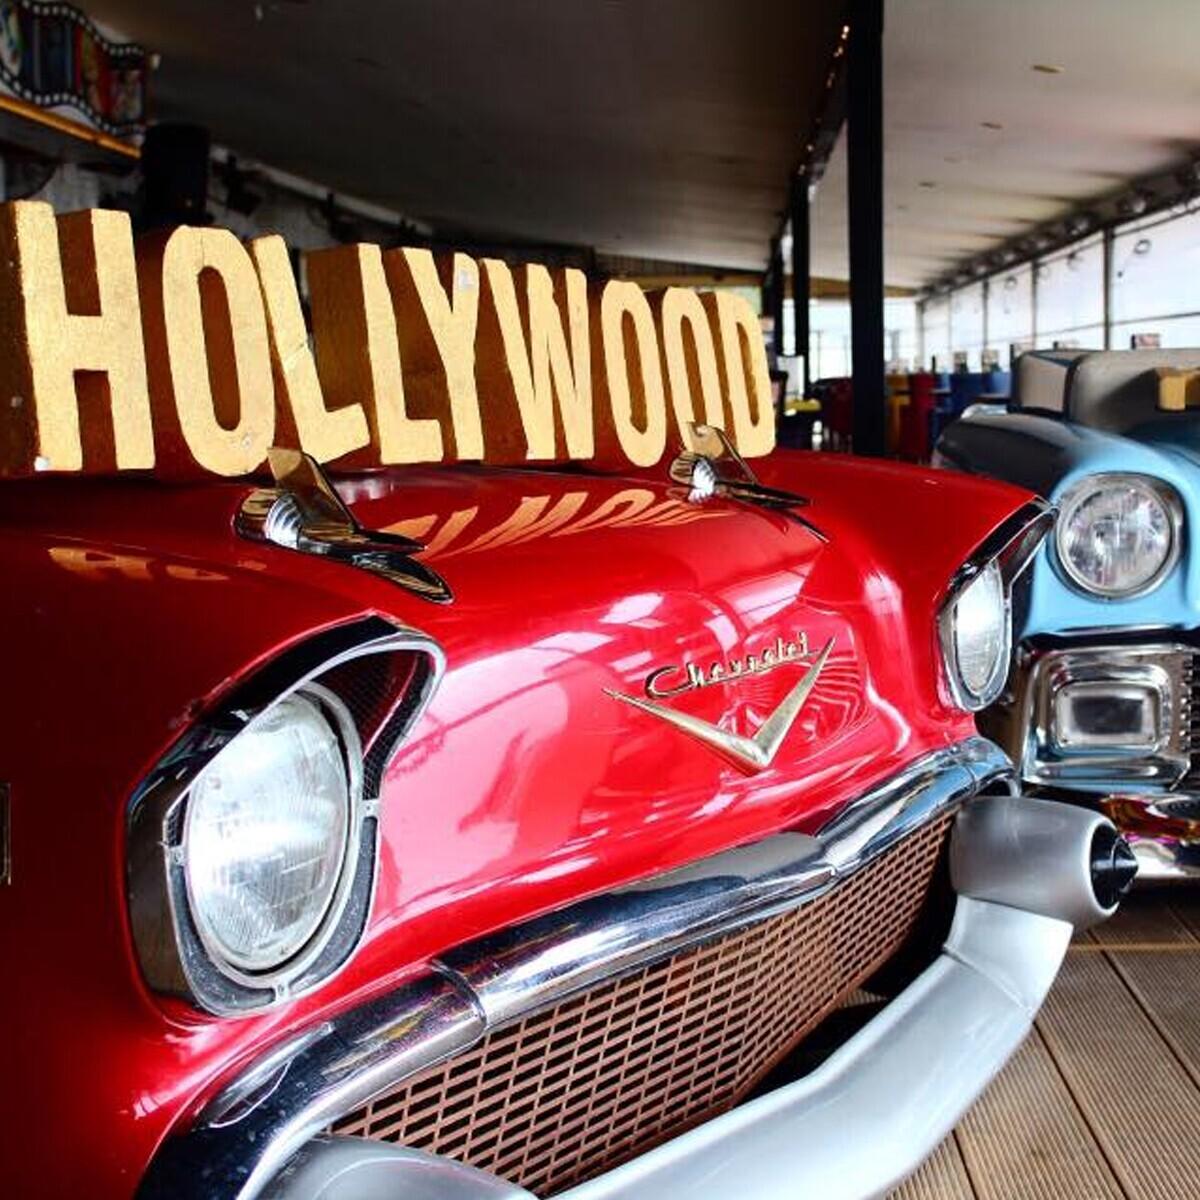 Hollywoodcity'de Kız Kulesi Manzarası Eşliğinde Balık Ziyafeti!